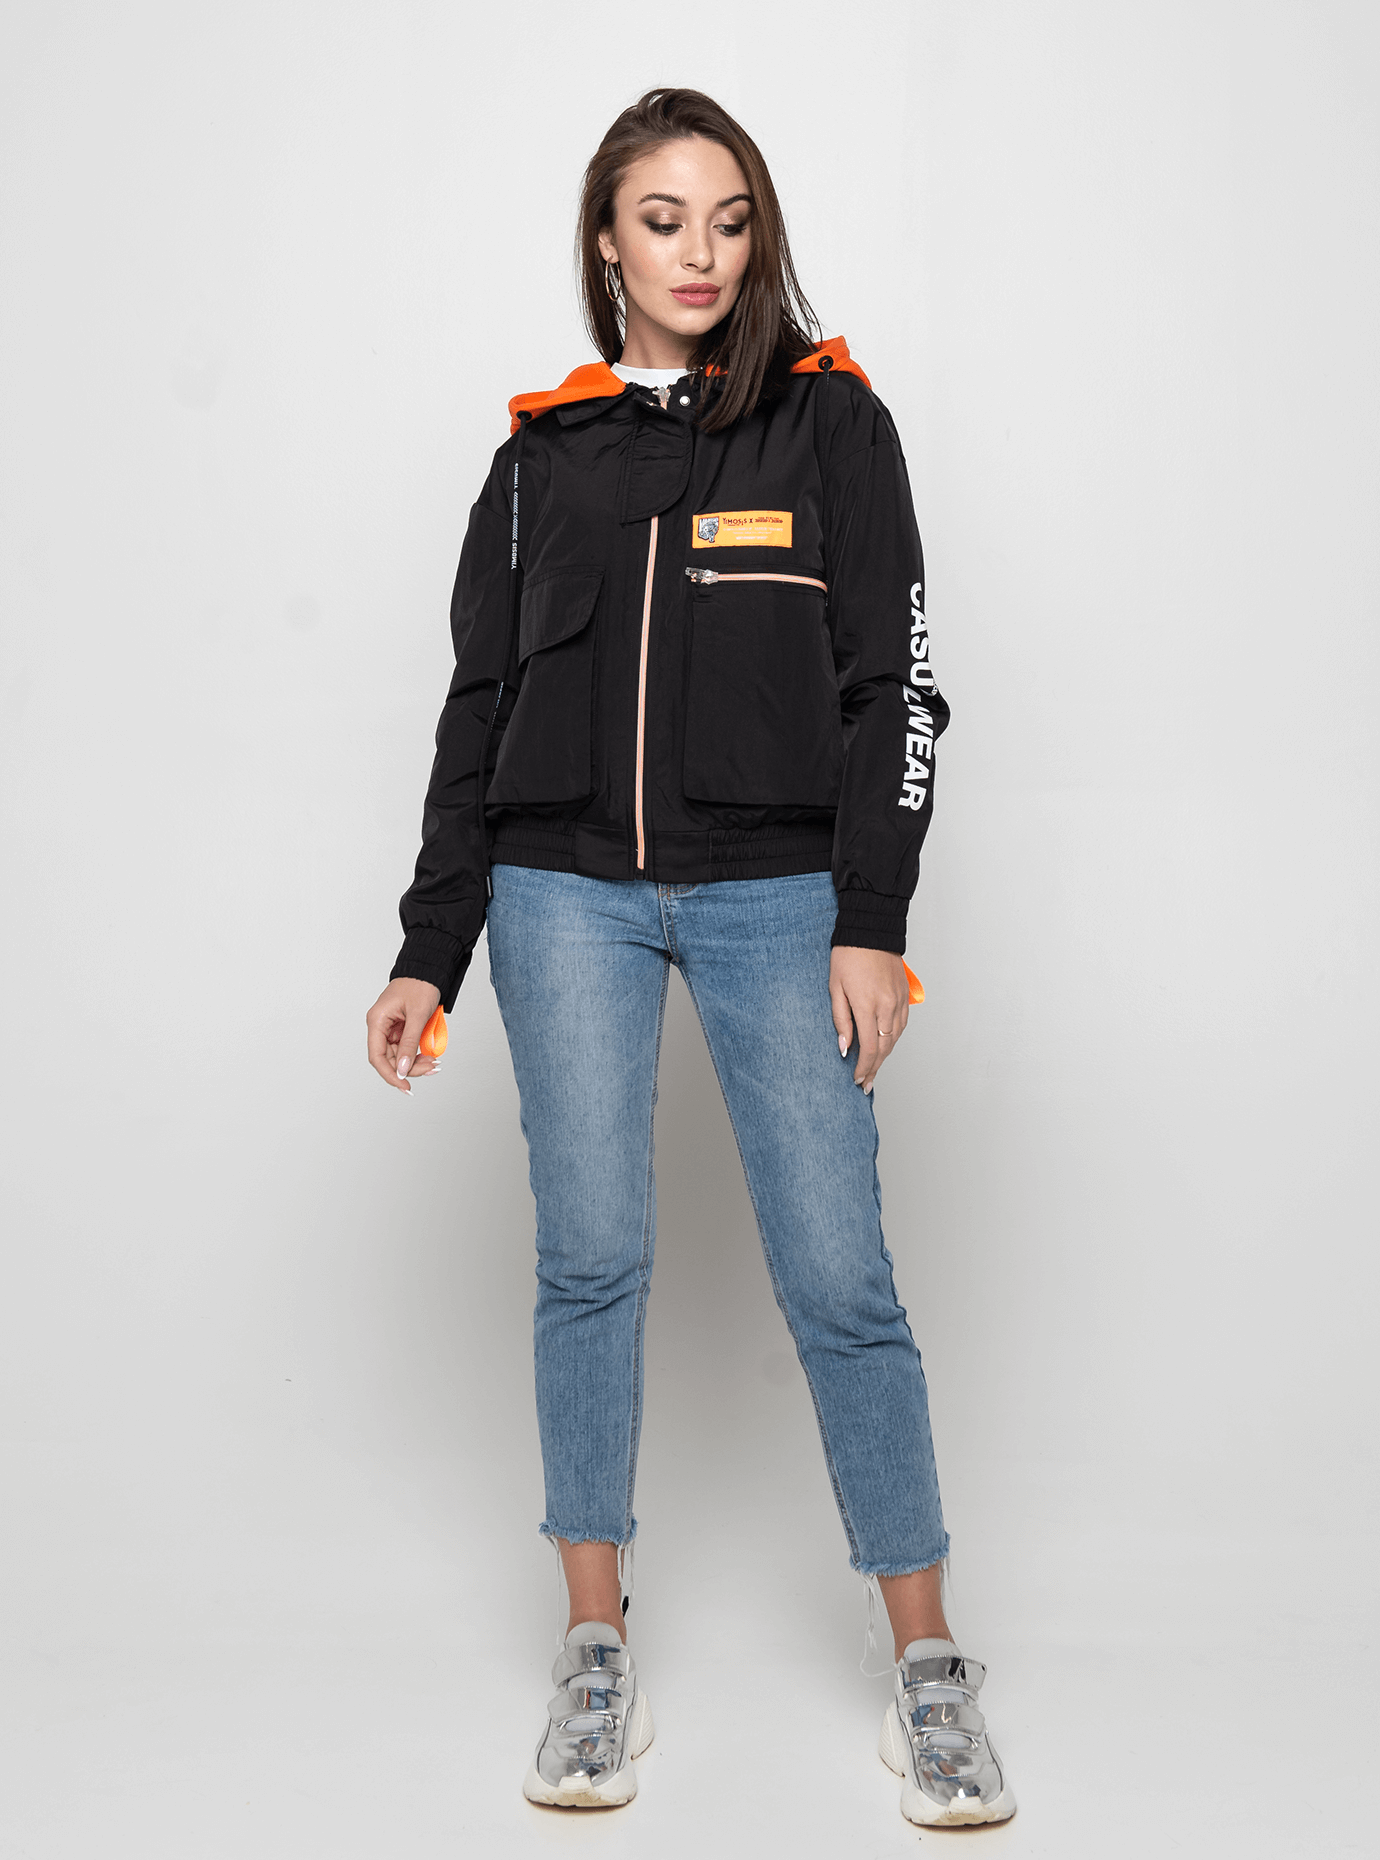 Куртка демисезонная с ярким капюшоном Чёрный L (02-Y191034): фото - Alster.ua